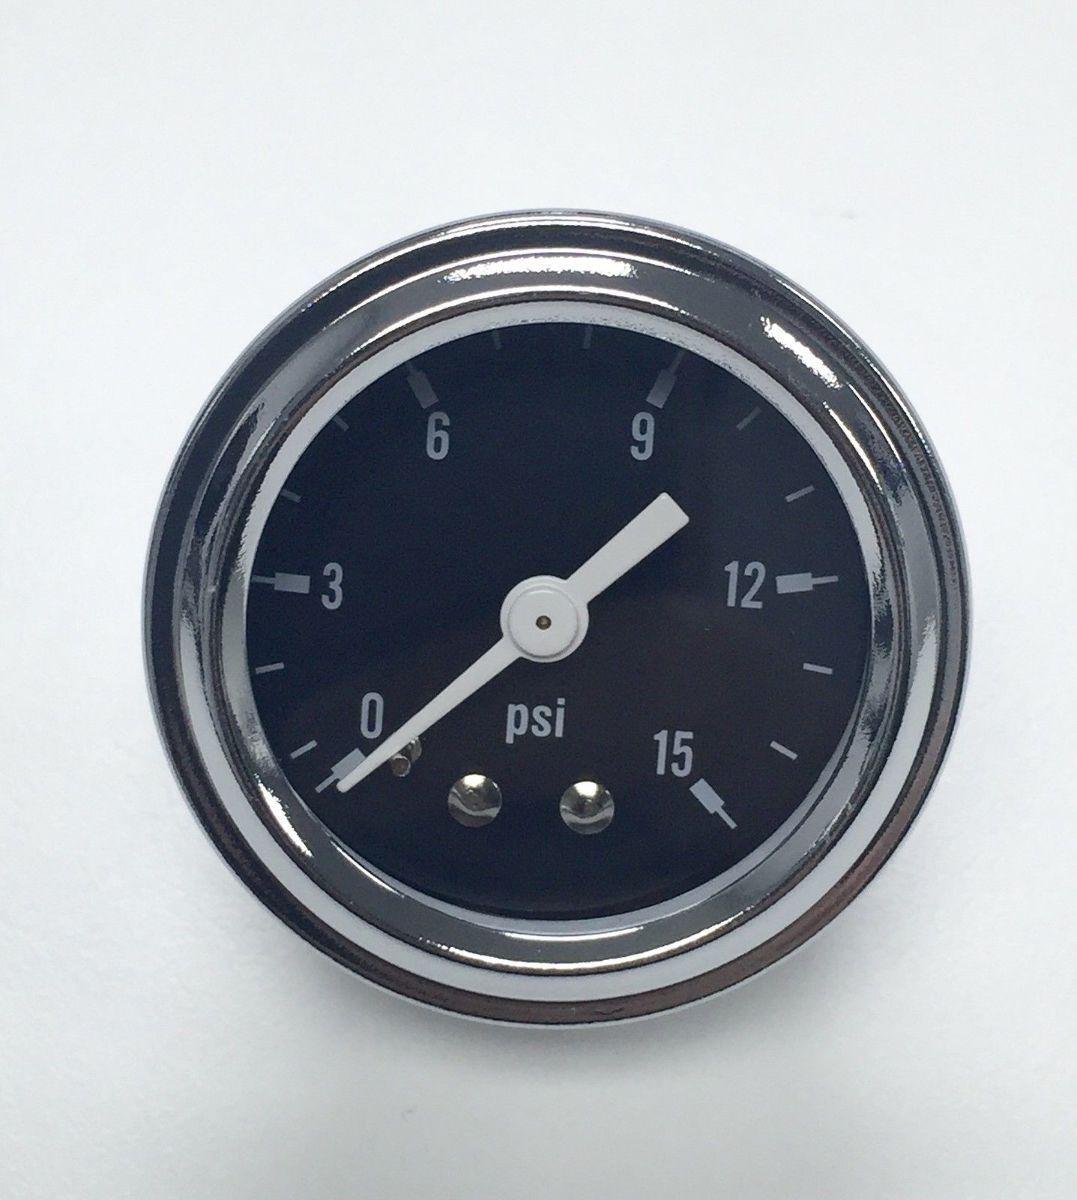 Hot rod chrome black face quot fuel pressure gauge